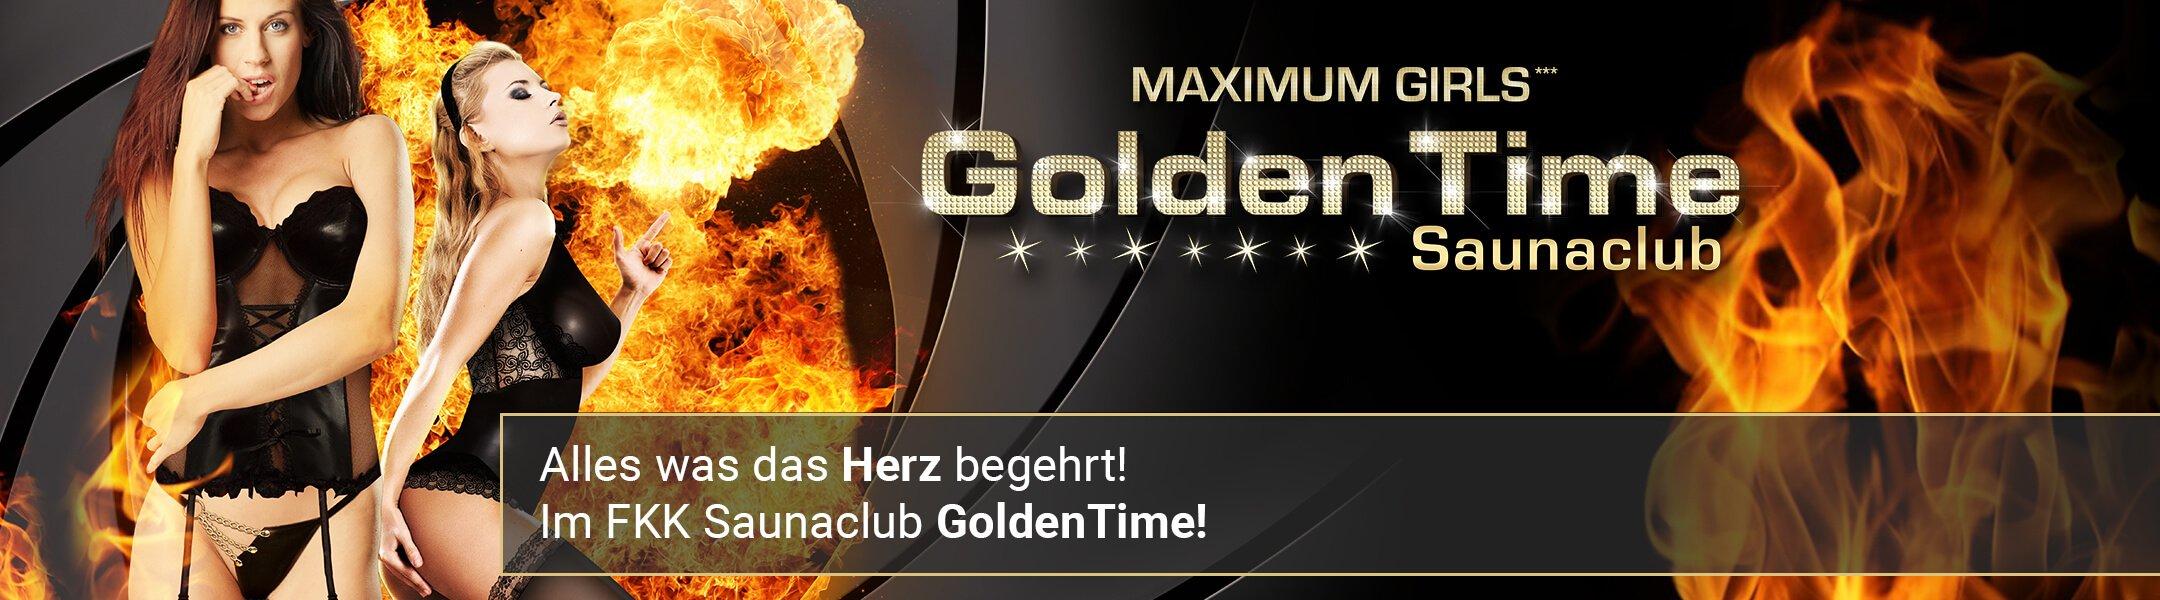 Alles was das Herz begehrt! Im FKK Saunaclub GoldenTime!